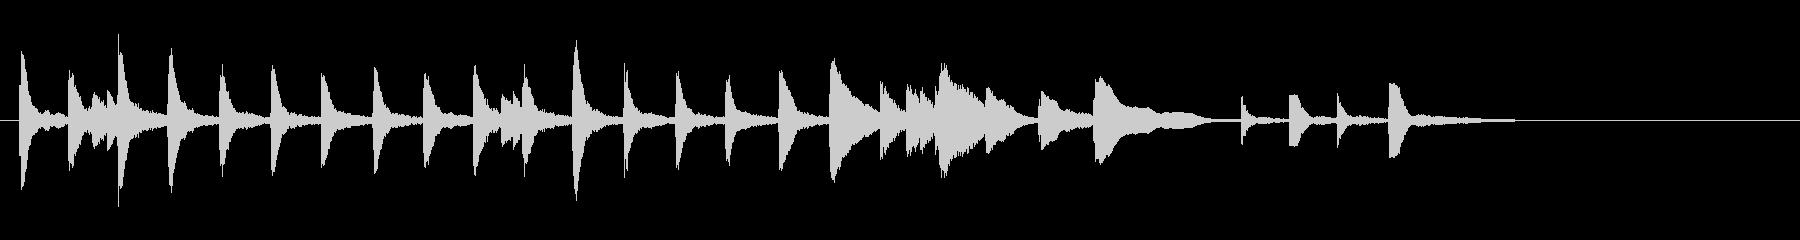 コミカルで軽快なピアノと口ずさめるメロ…の未再生の波形